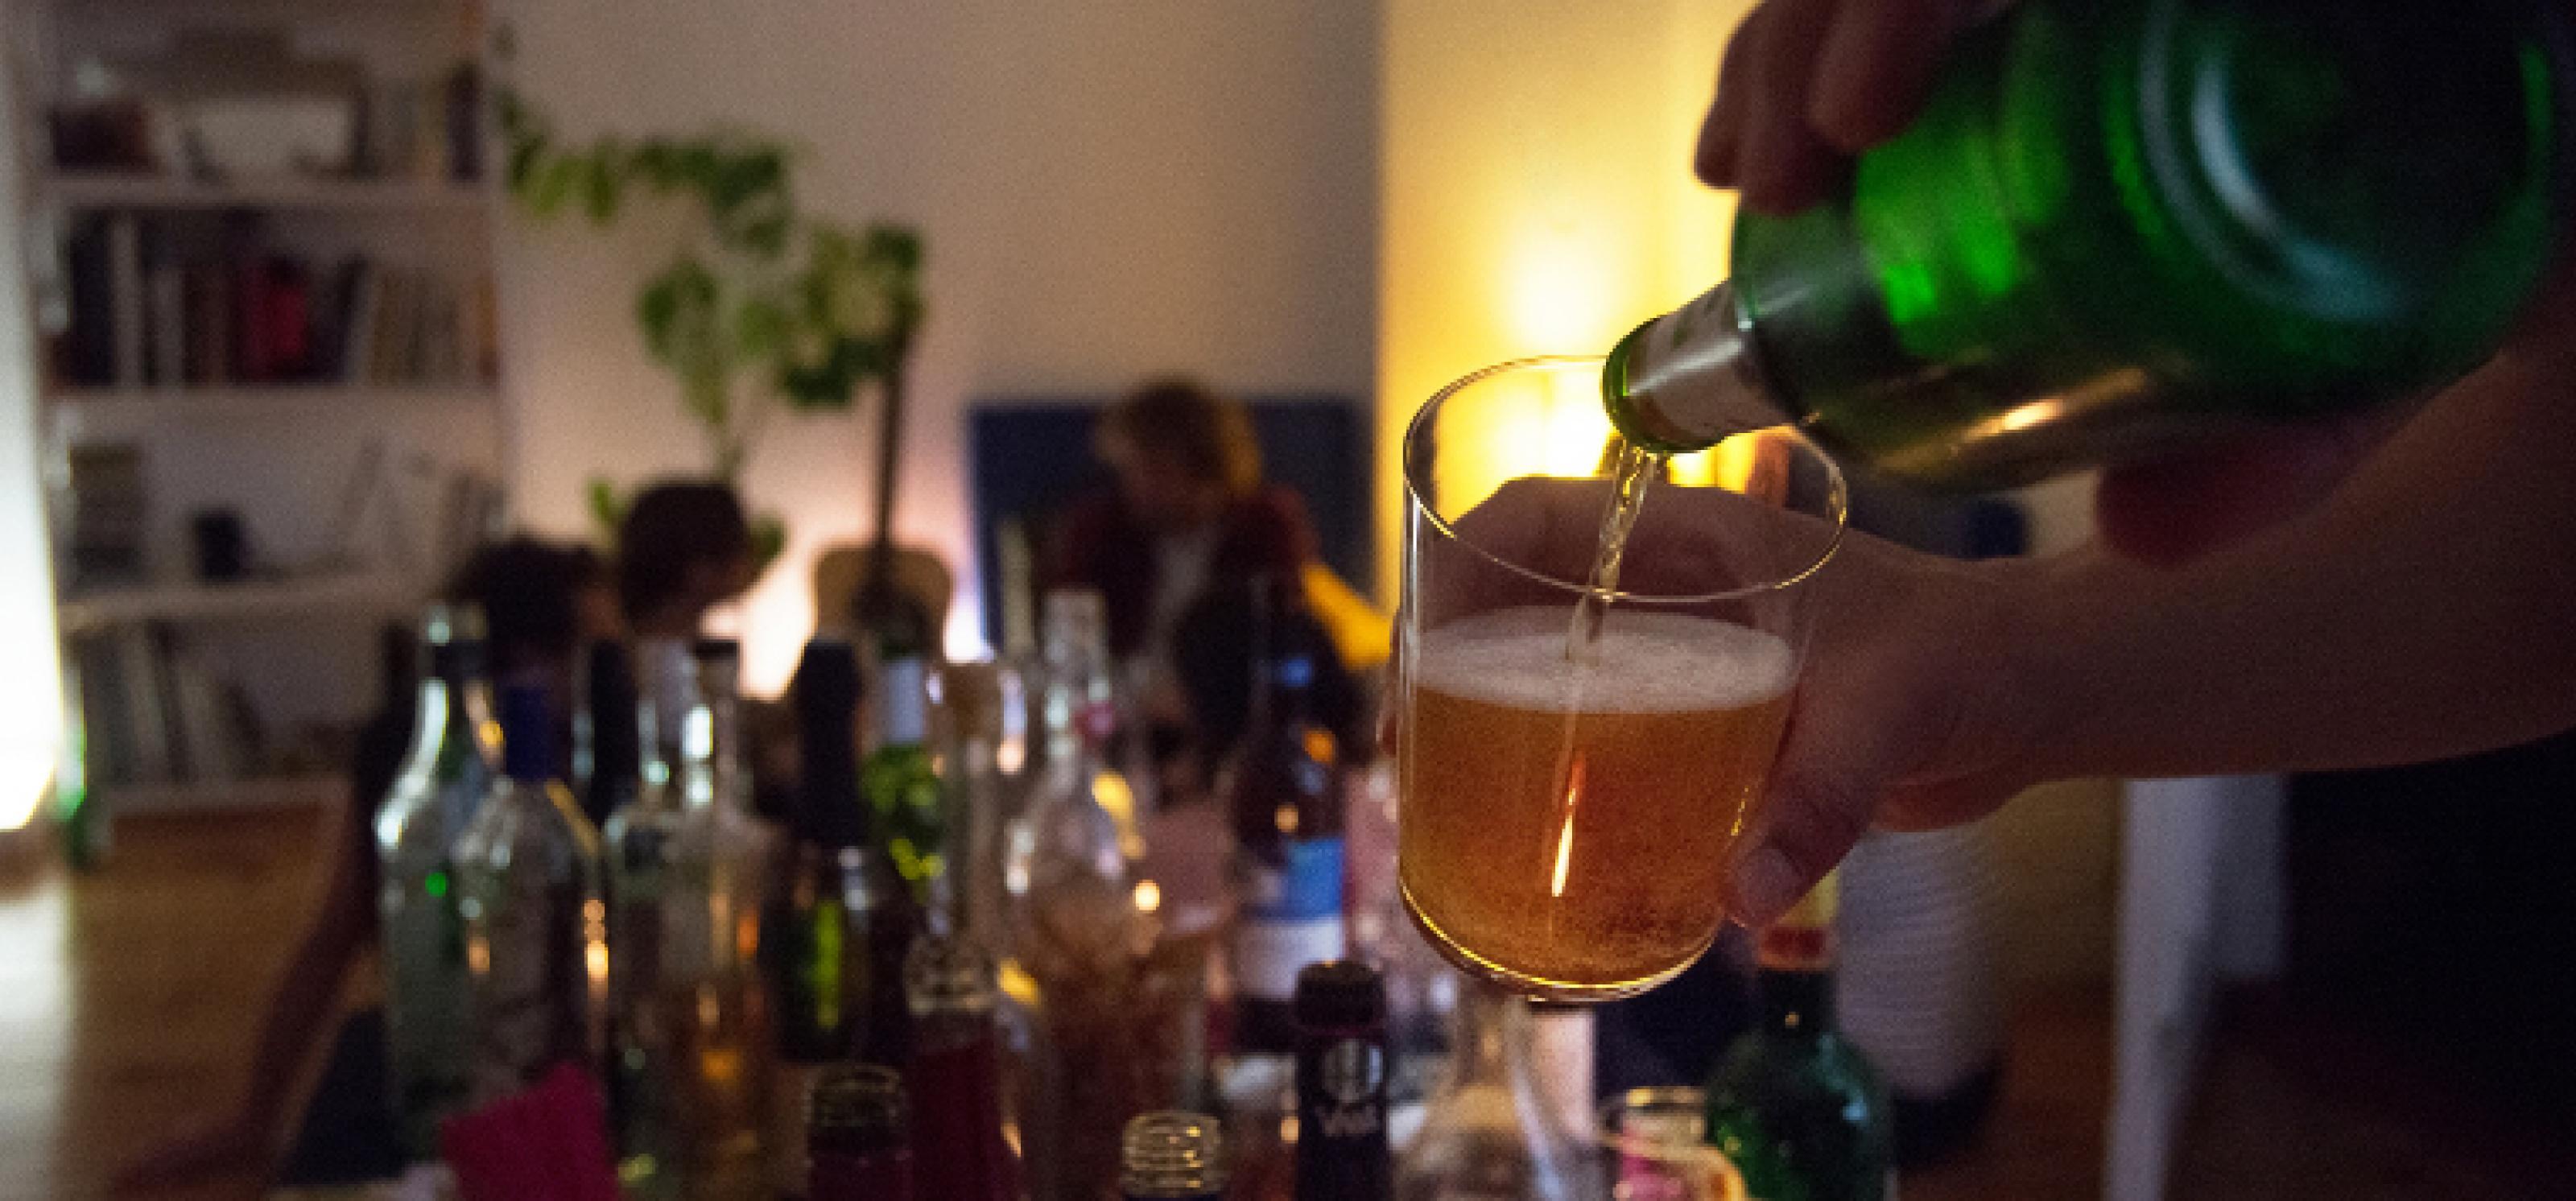 Eine Partyszene im Dämmerlicht, auf einem Tisch stehen verschiedene Gläser und Flaschen mit Alkohol